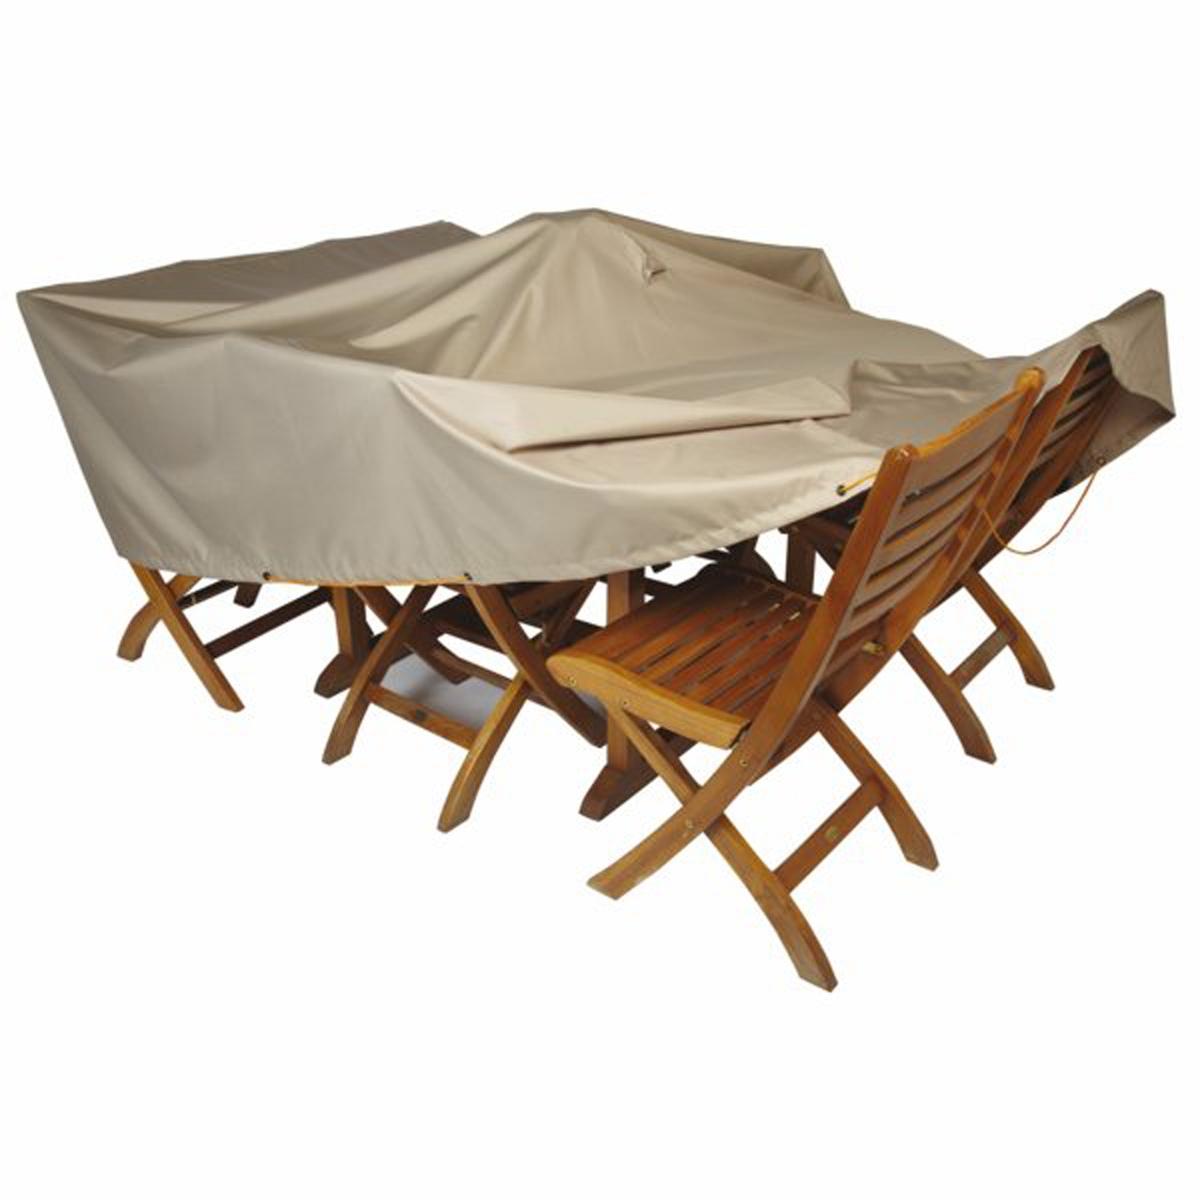 Telo impermeabile per tavolo da giardino larghezza 200 cm